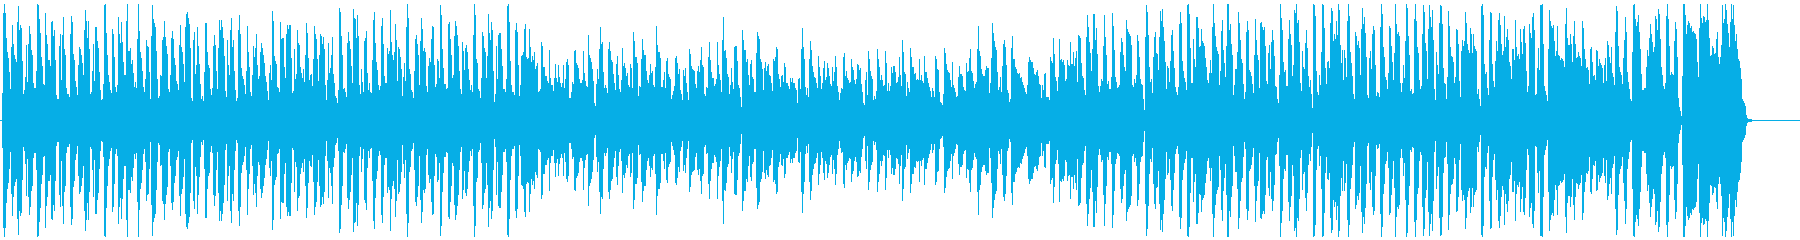 ほのぼのでウキウキでポップな曲の再生済みの波形